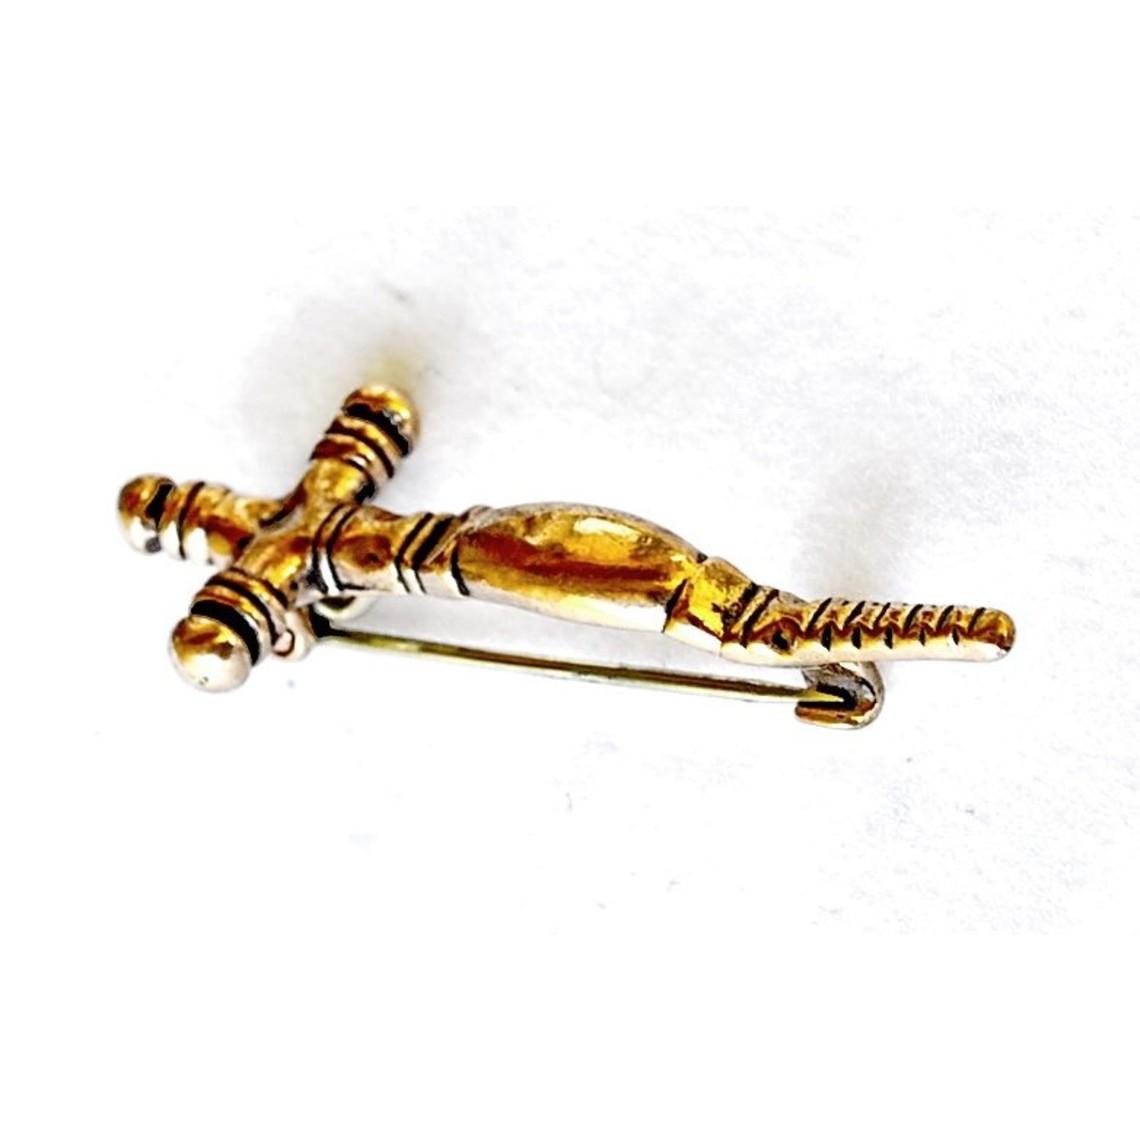 Tidlig middelalderlig kors fibula, bronze farve